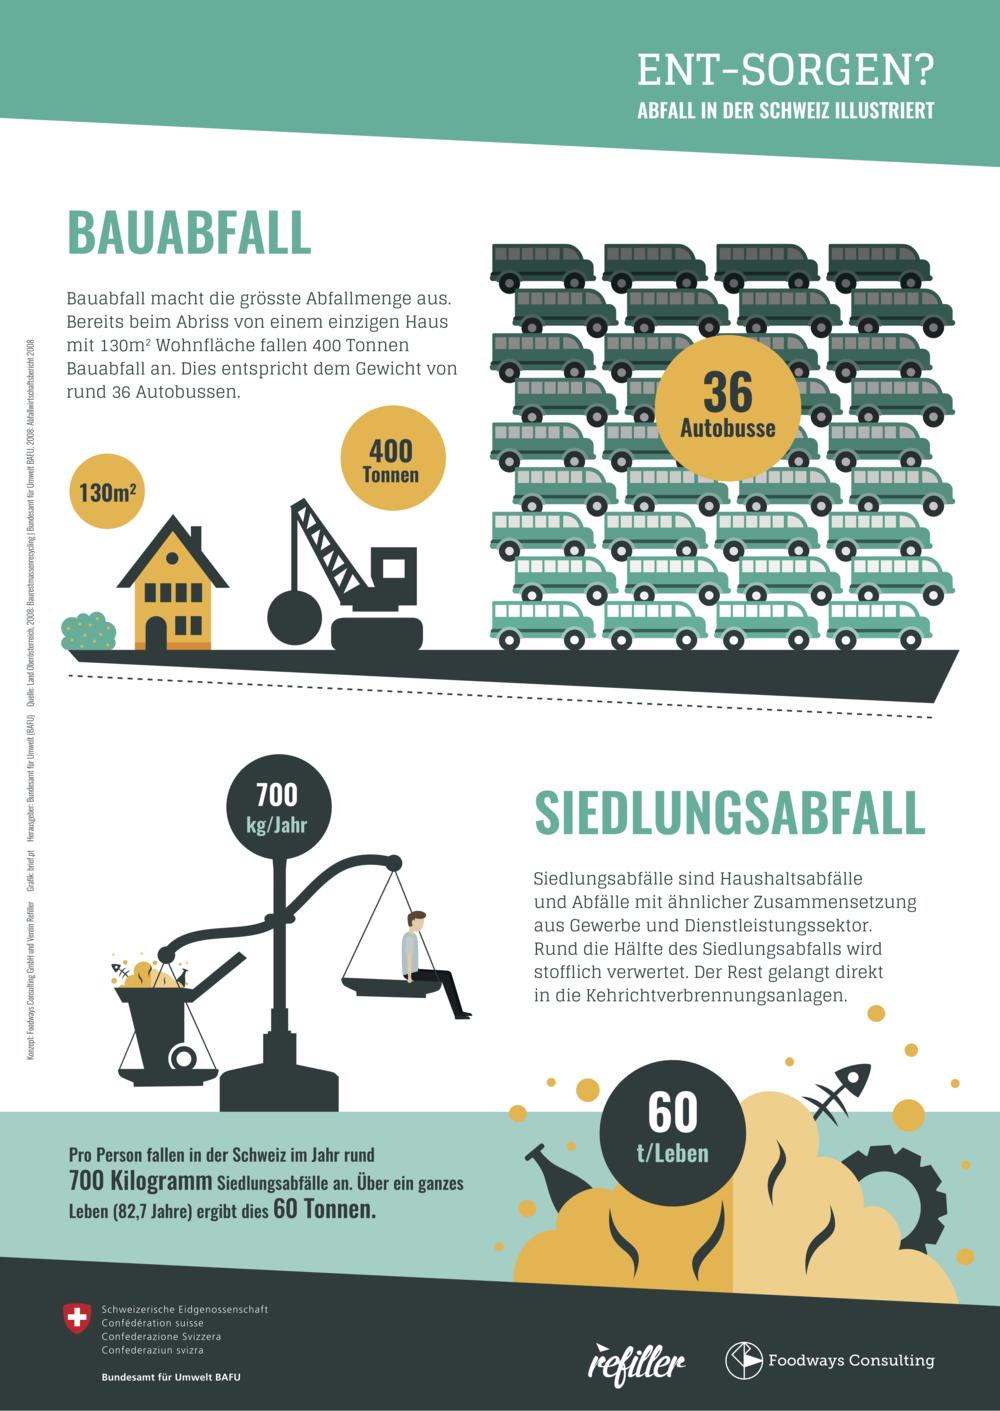 Bauabfall - Siedlungsabfall